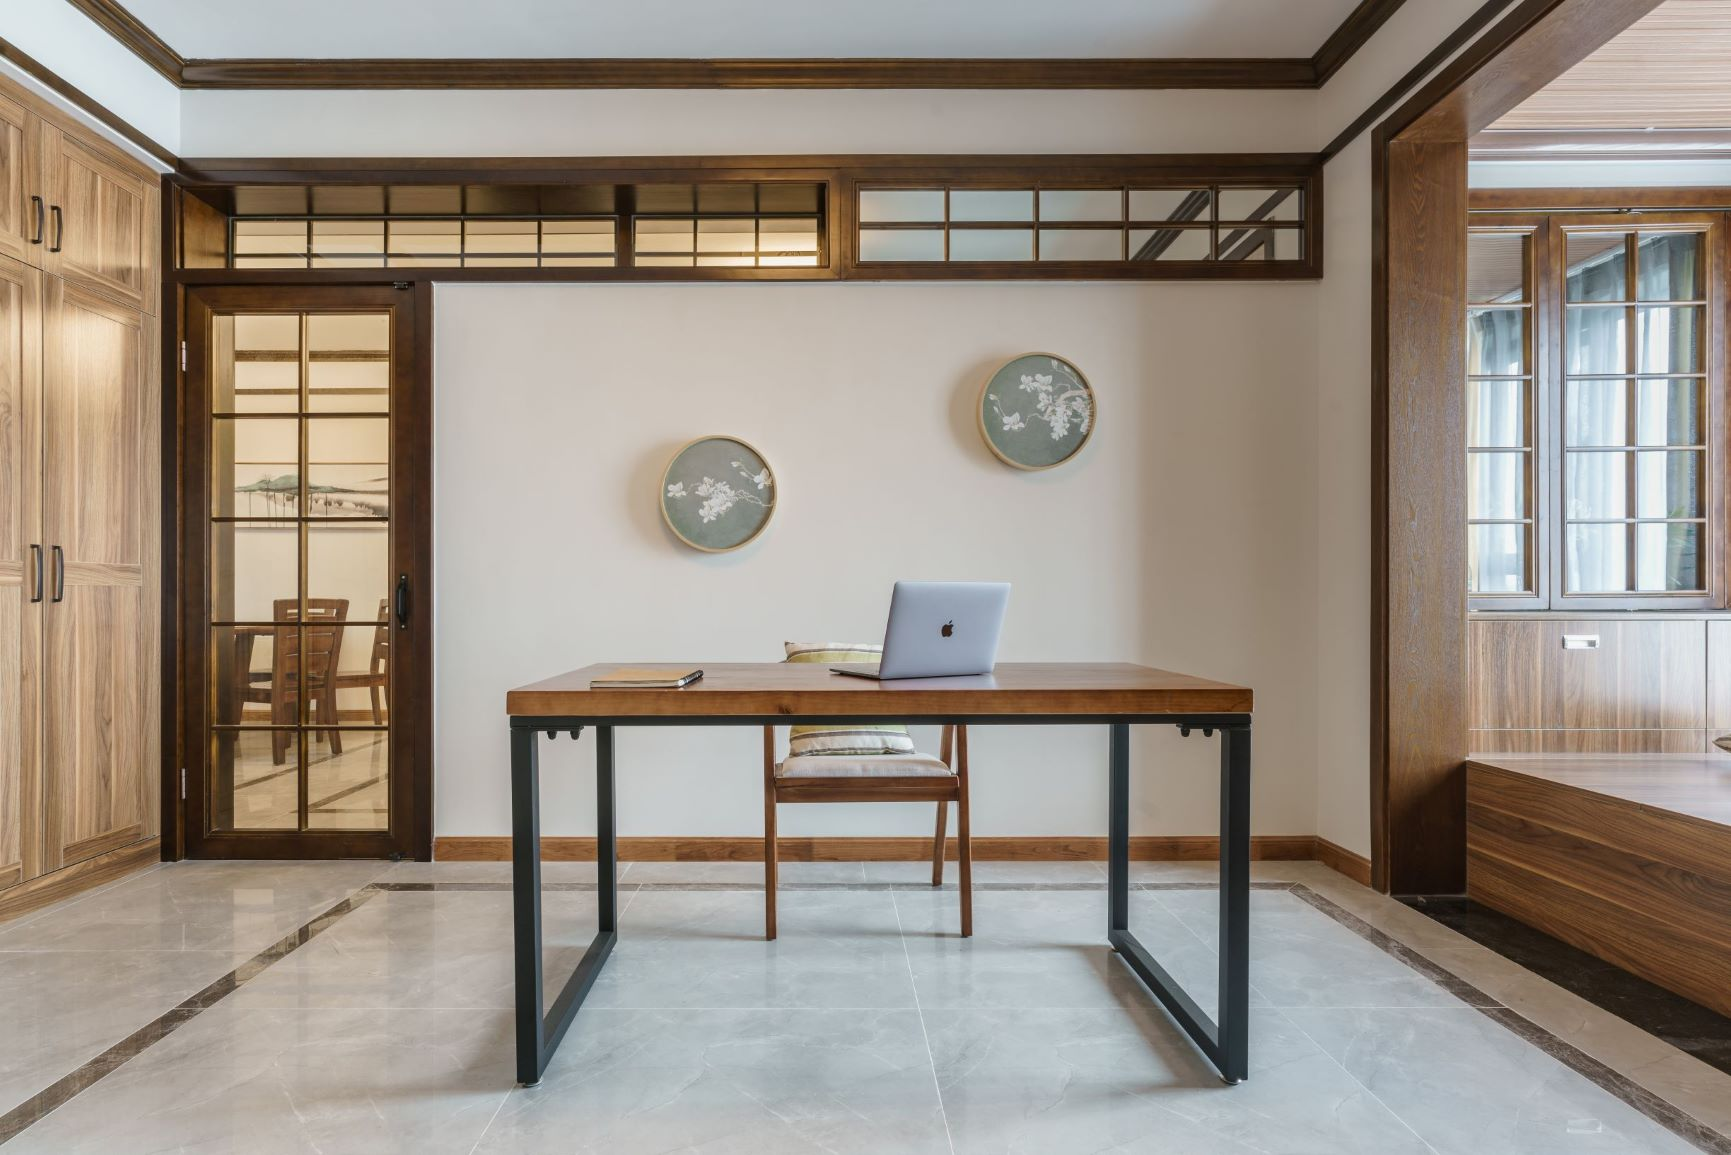 中式吊灯将风格定位,沙发背景墙上方留有返光灯槽,led灯带打出柔和图片